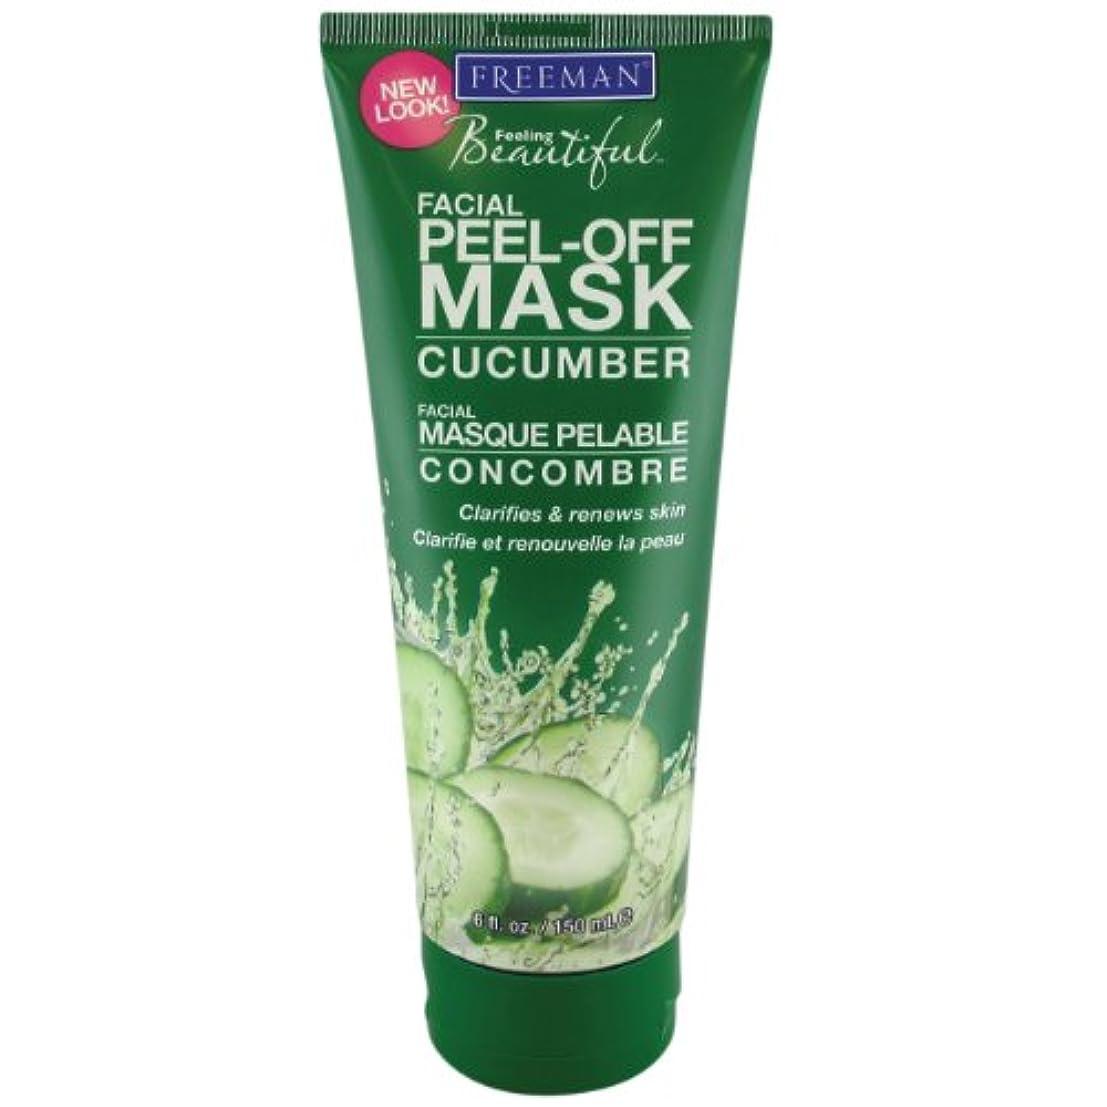 あいさつ歪めるパン屋Freeman Facial Peel-Off Mask Cucumber 150 ml (並行輸入品)